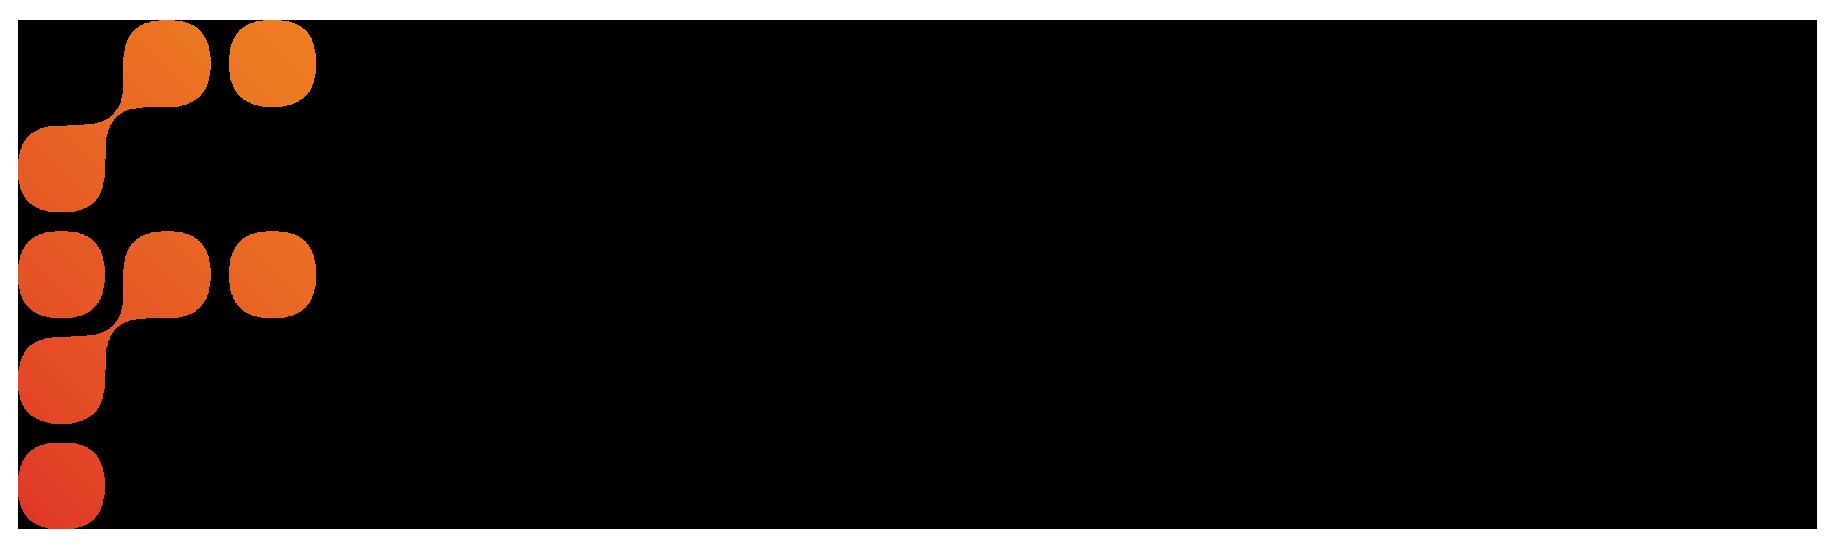 Facible_Gradient_Logo